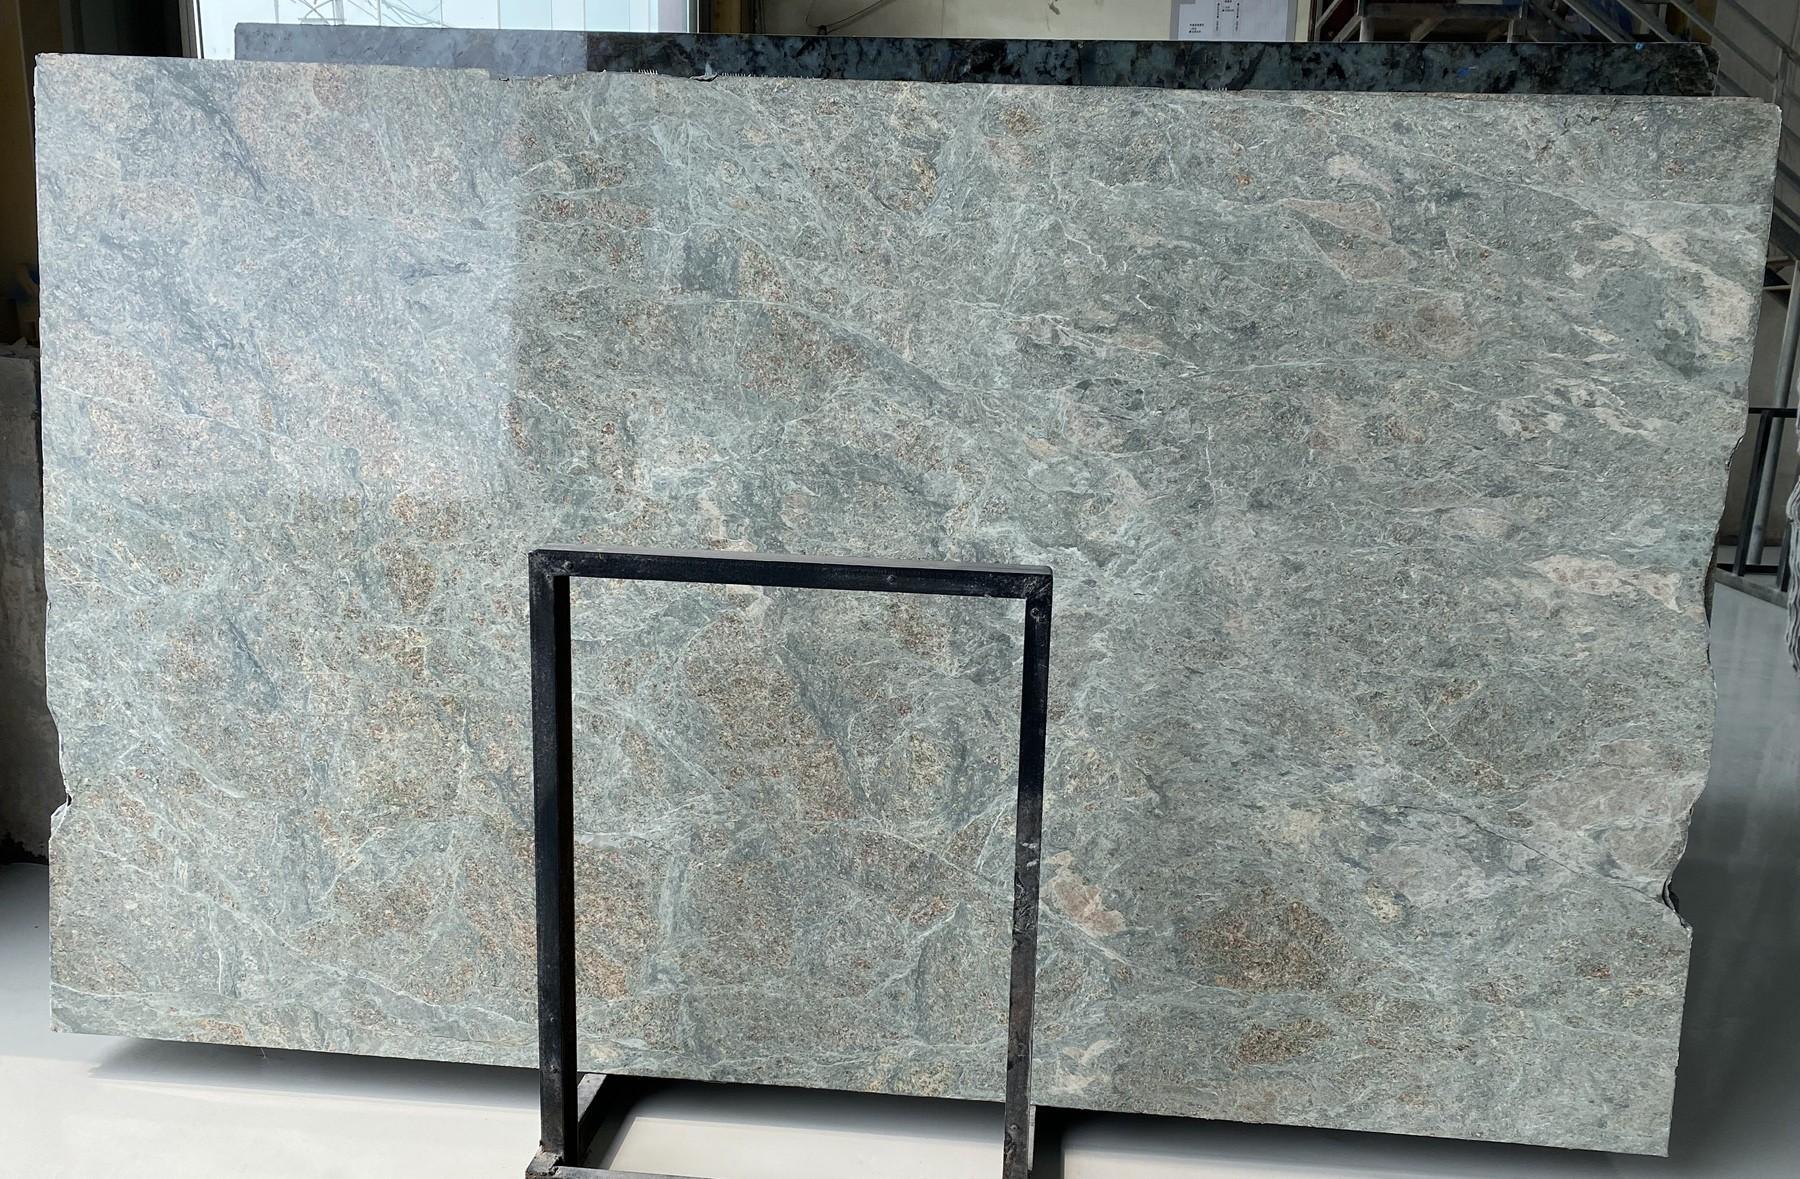 LT GREEN Supply Fujian (China) polished slabs D2109 , Bundle #01 natural granite